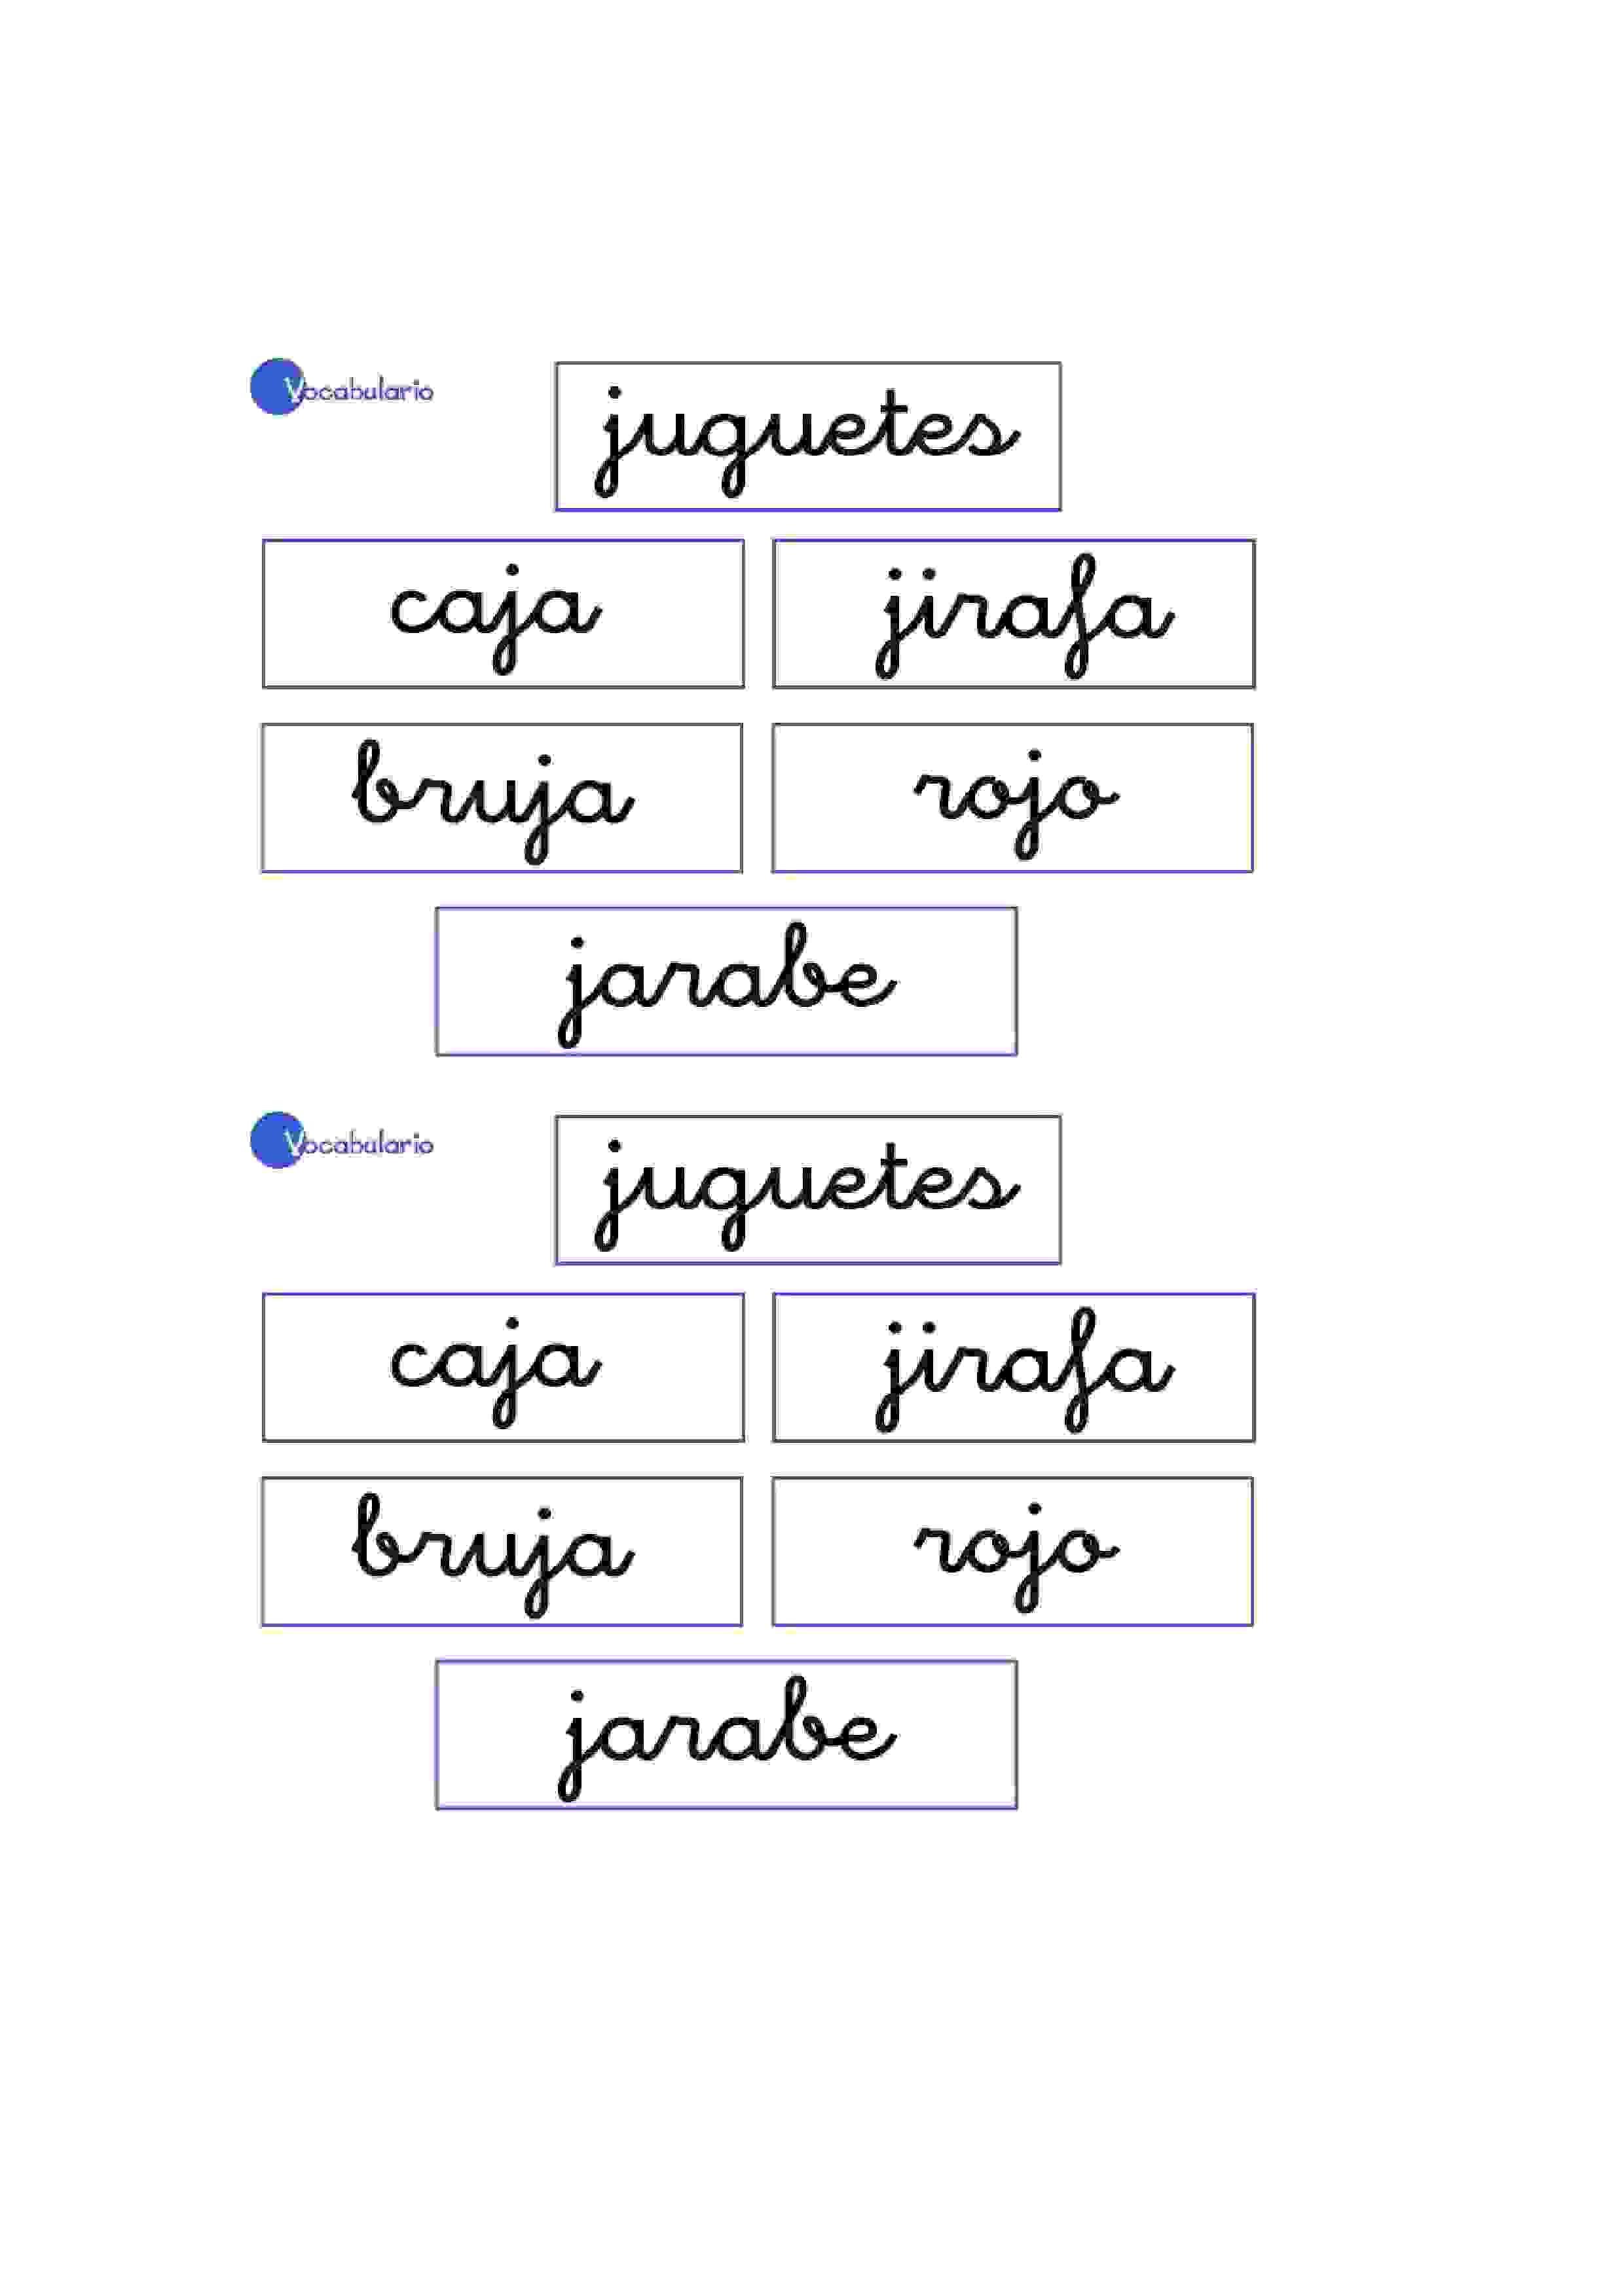 Lernübungen für kinder zu drucken. Vokabular Spanisch zu lernen 10 ...